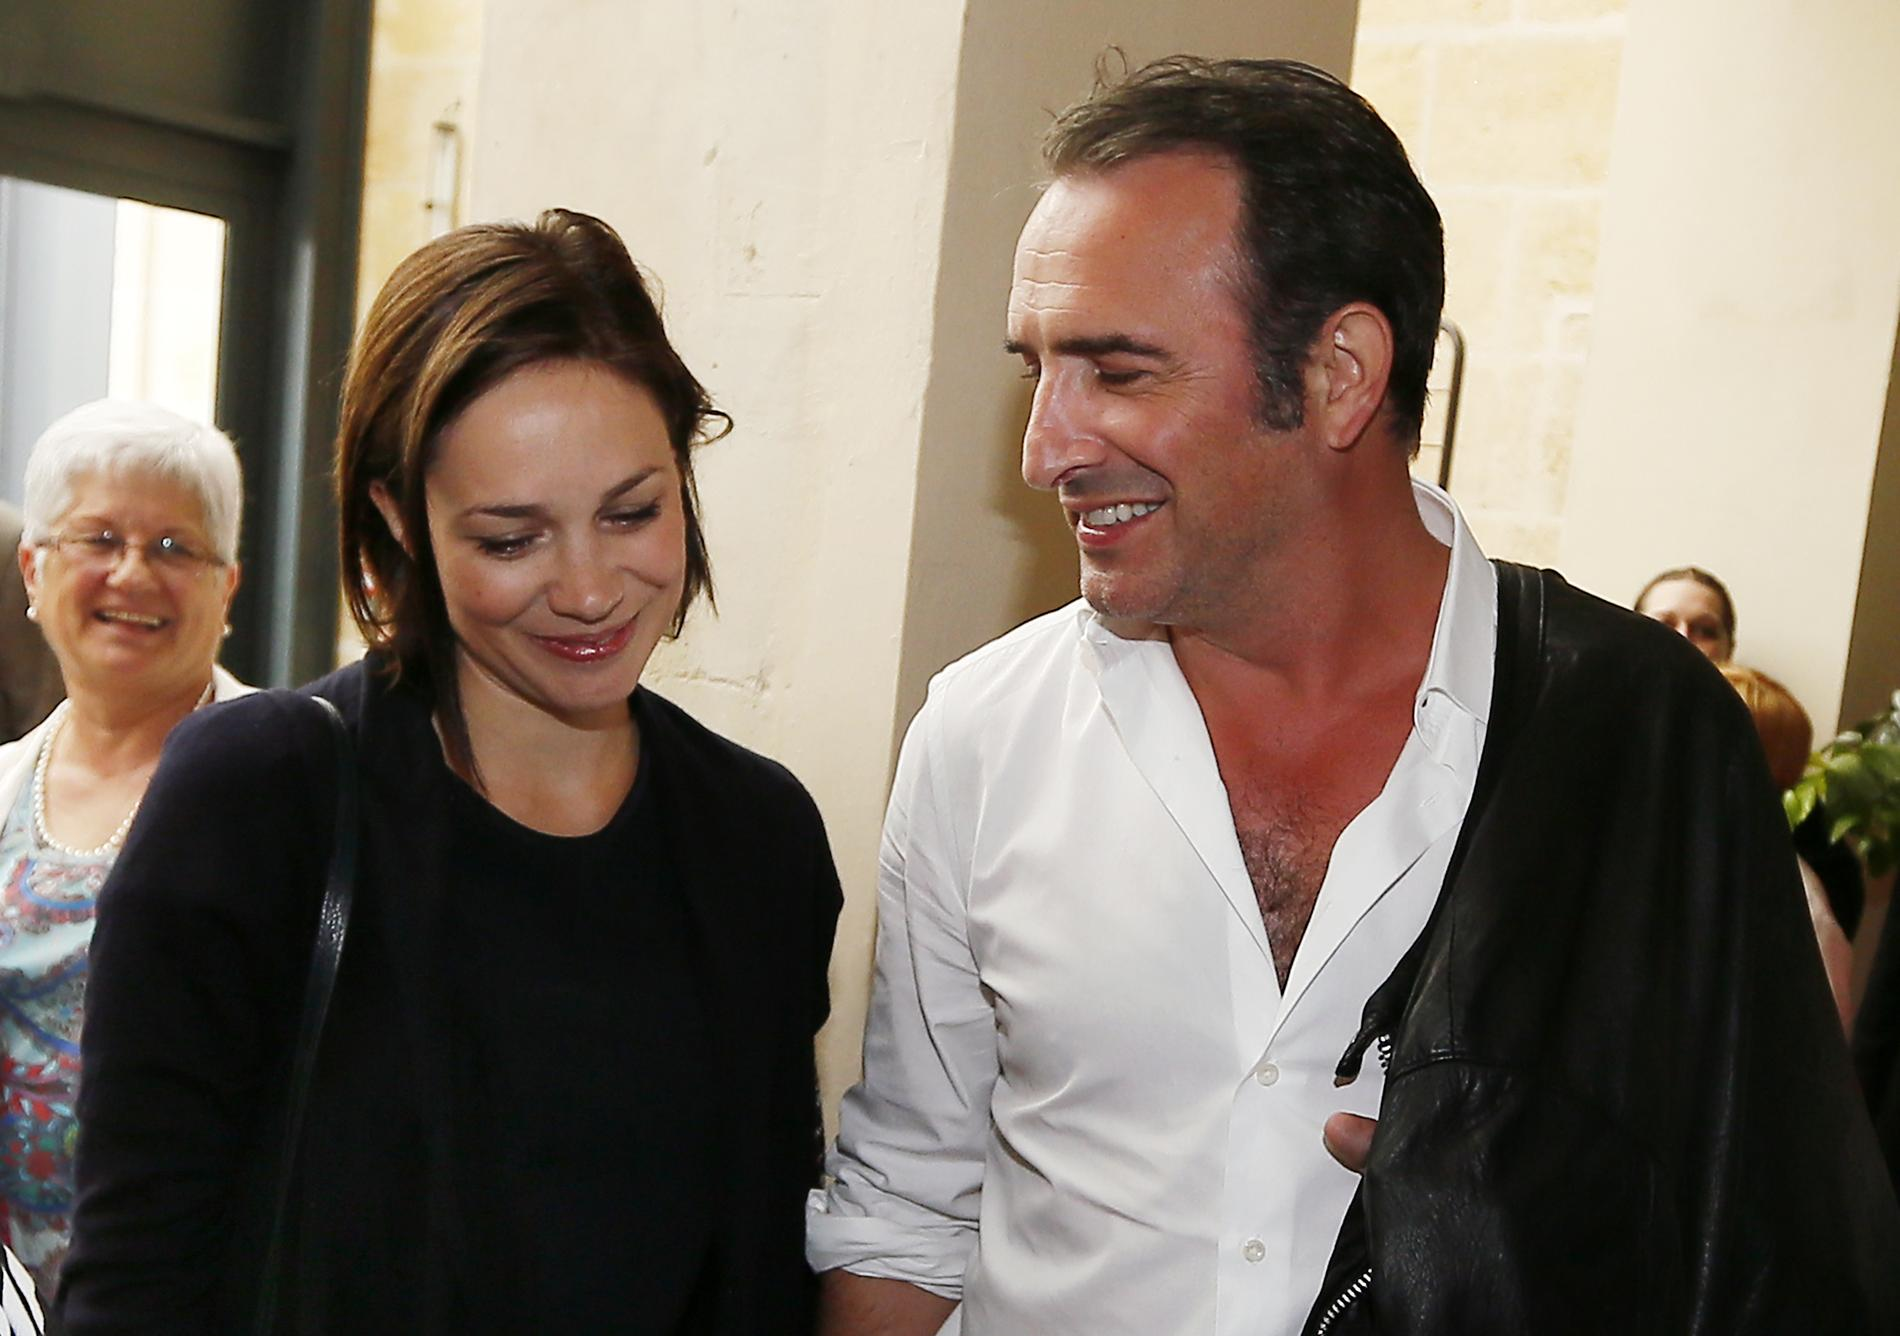 Jean dujardin et nathalie p chalat ils sont parents for Jean dujardin pechalat